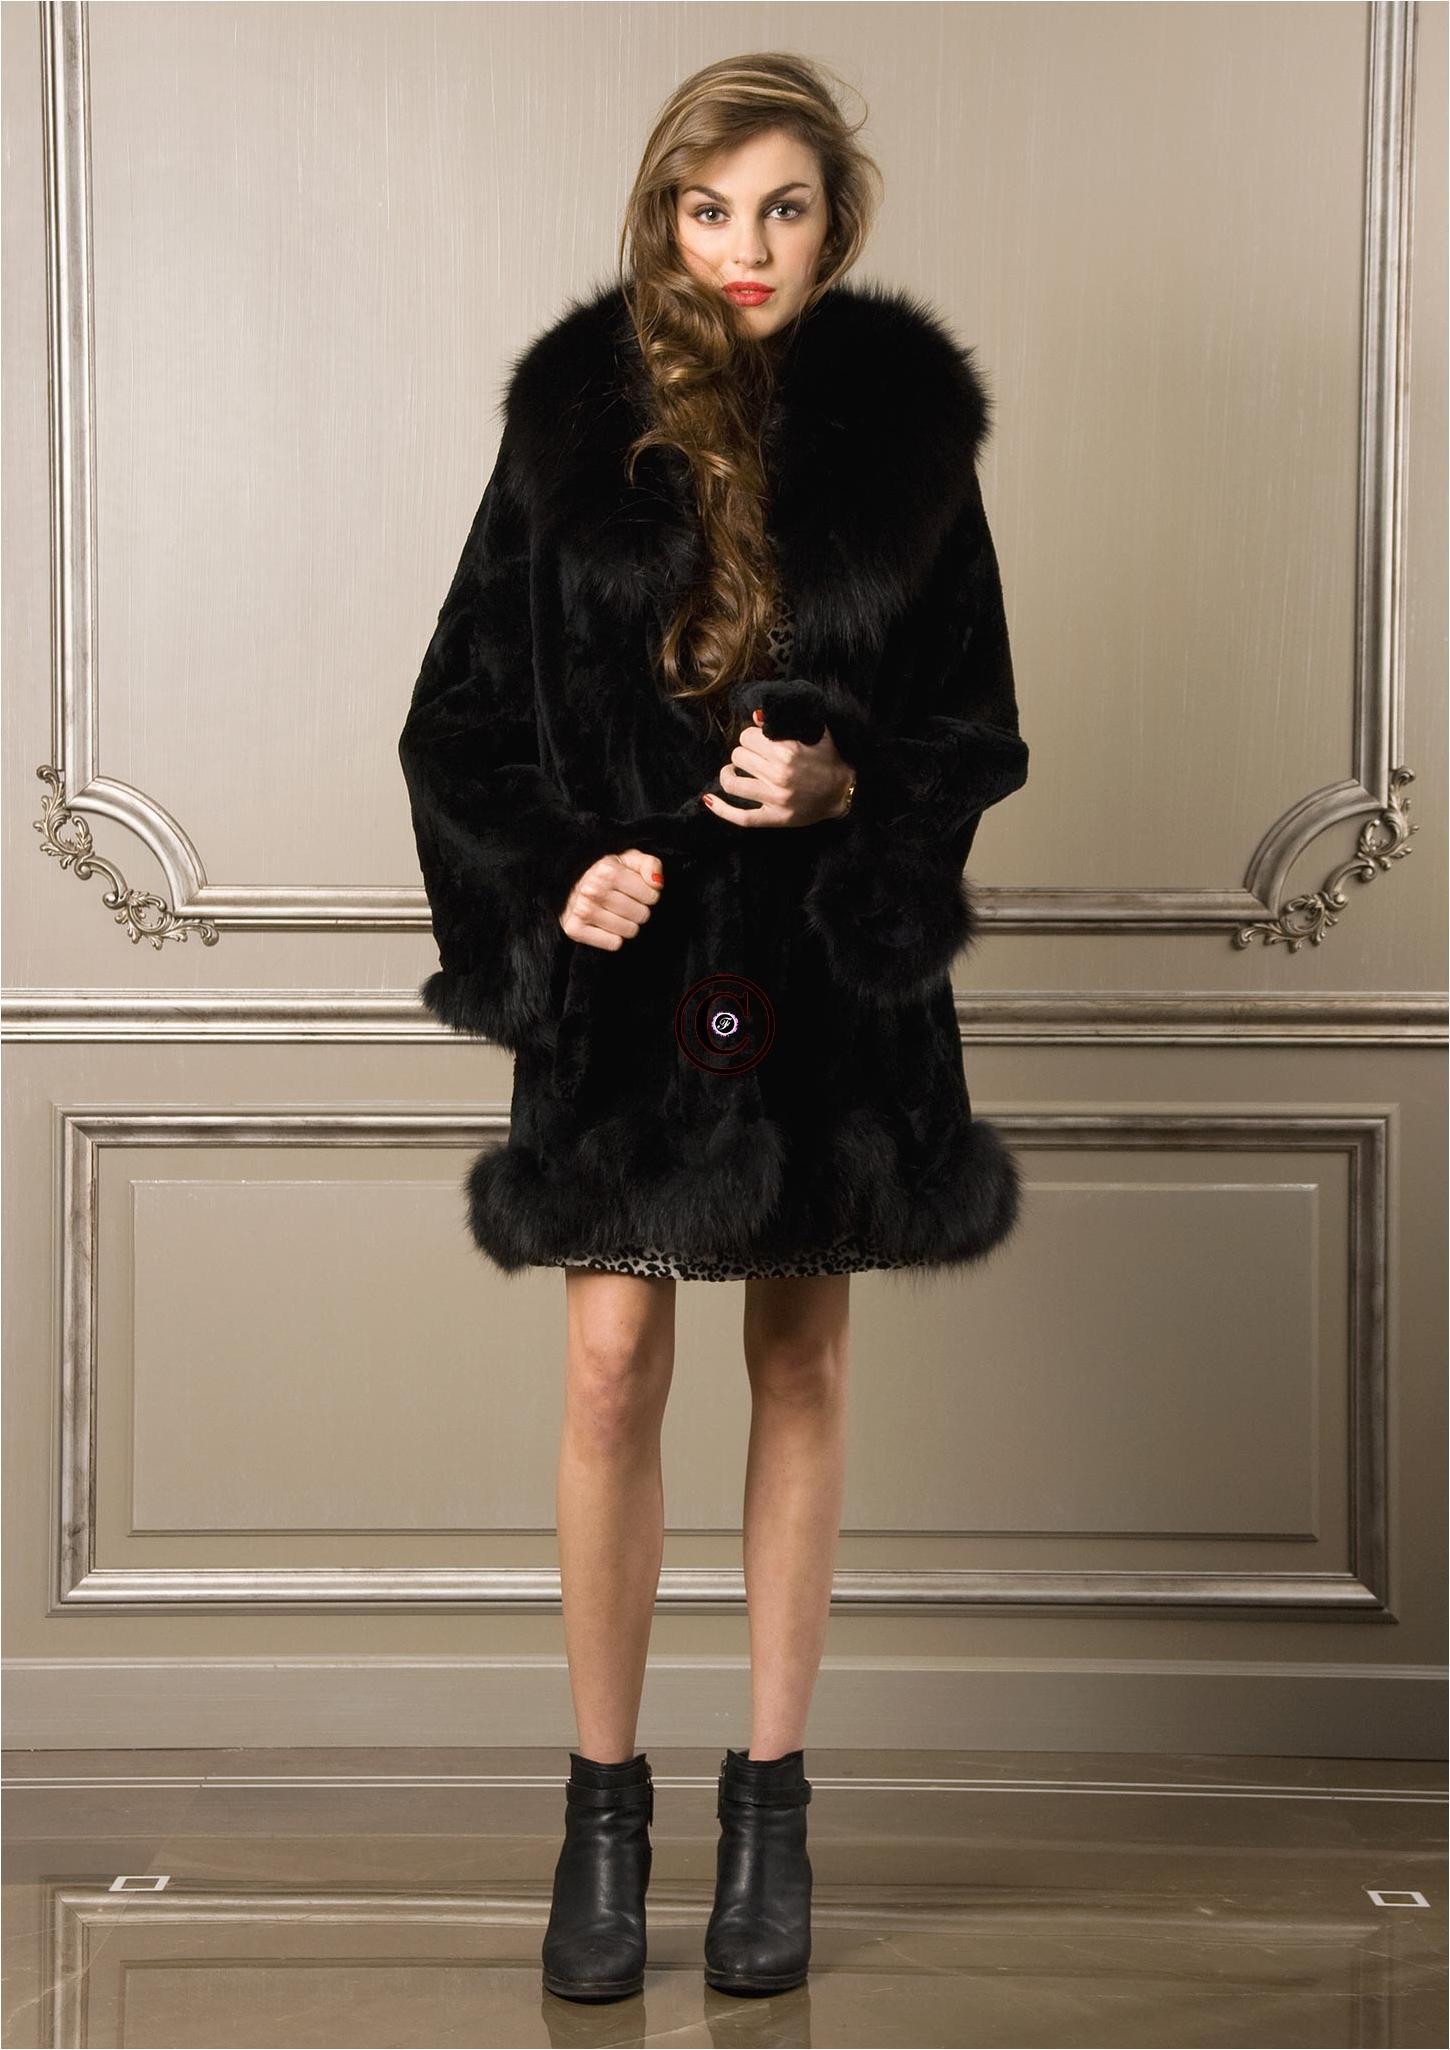 manteau noir 7111 fourrure de lapin et fourrure de renard. Black Bedroom Furniture Sets. Home Design Ideas